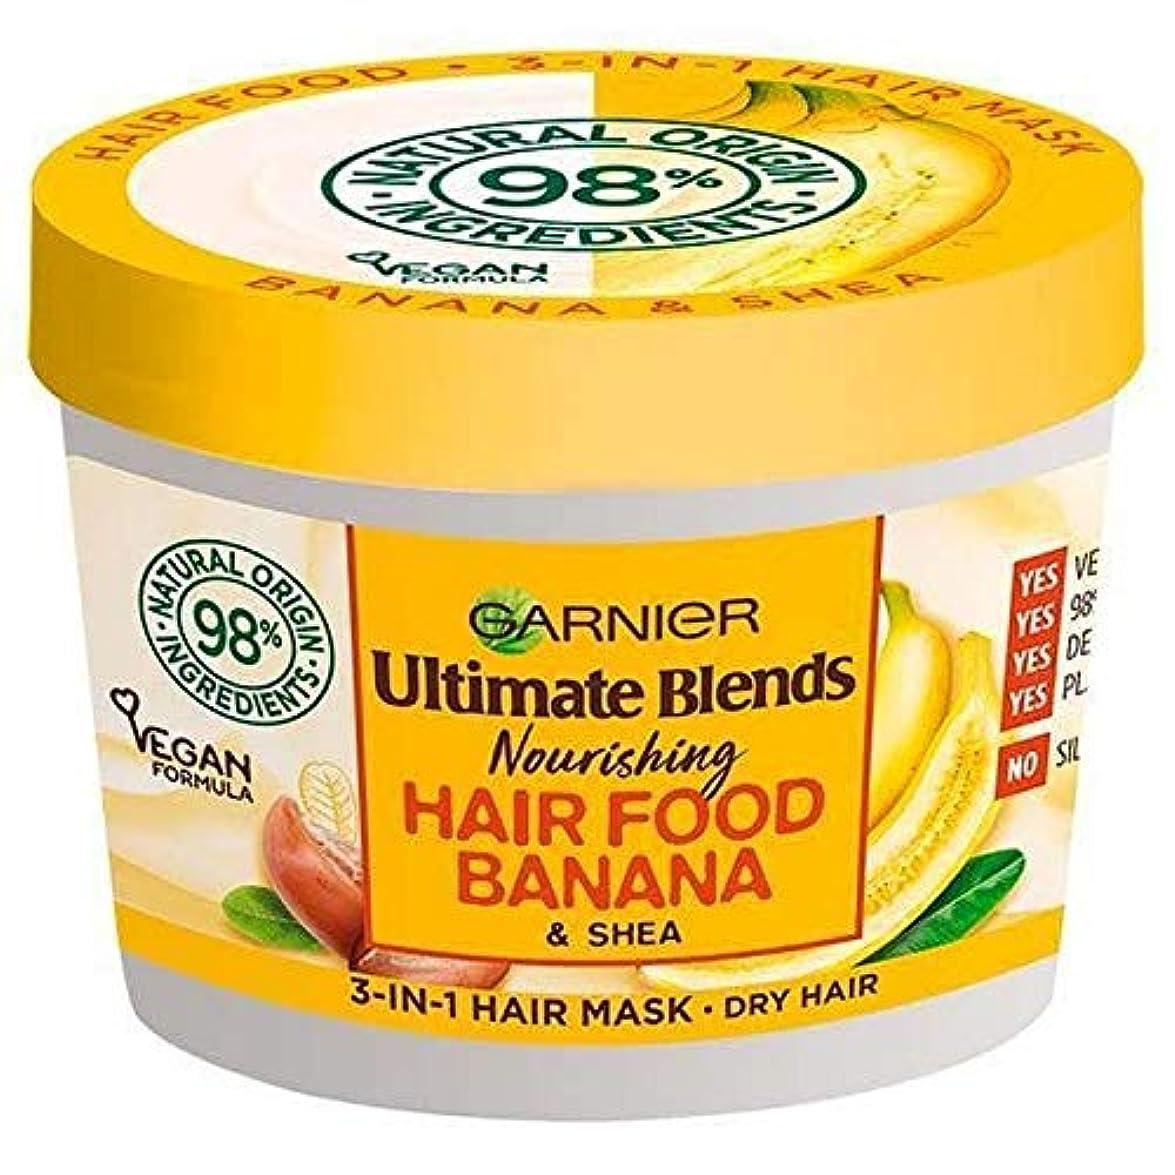 満了接ぎ木反発する[Garnier ] ガルニエ究極は1つのマスク390ミリリットルでヘア食品バナナ3をブレンド - Garnier Ultimate Blends Hair Food Banana 3 in 1 Mask 390ml [...